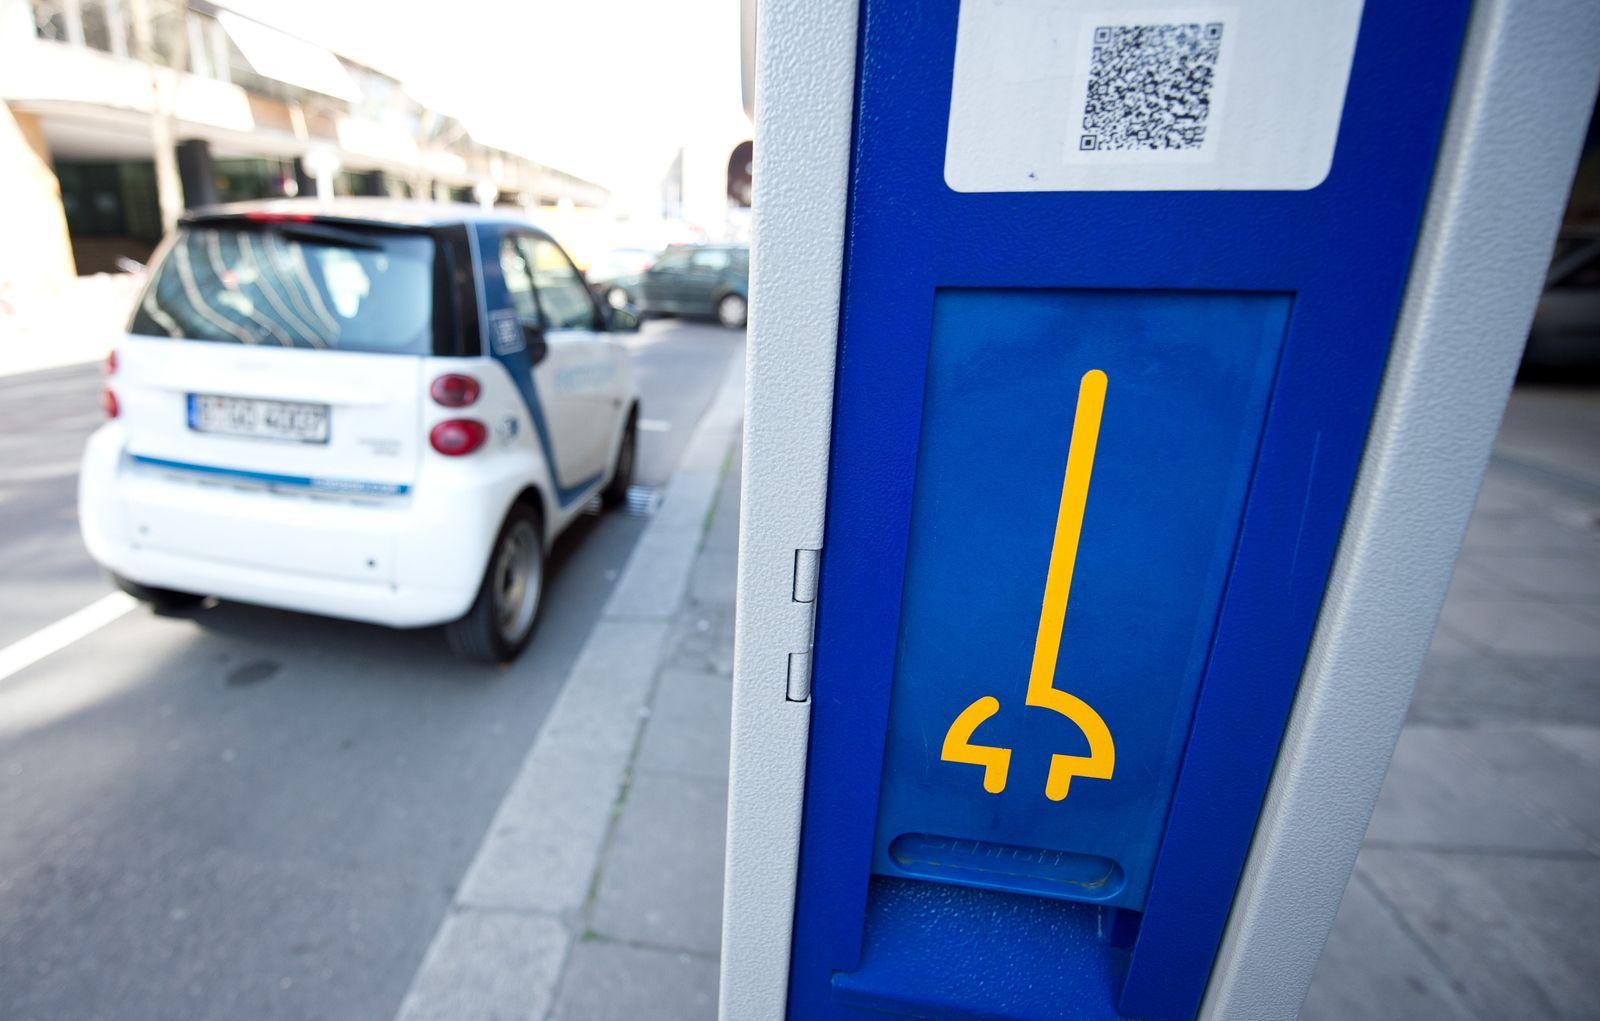 Lösungen für lange Parkplatzsuche